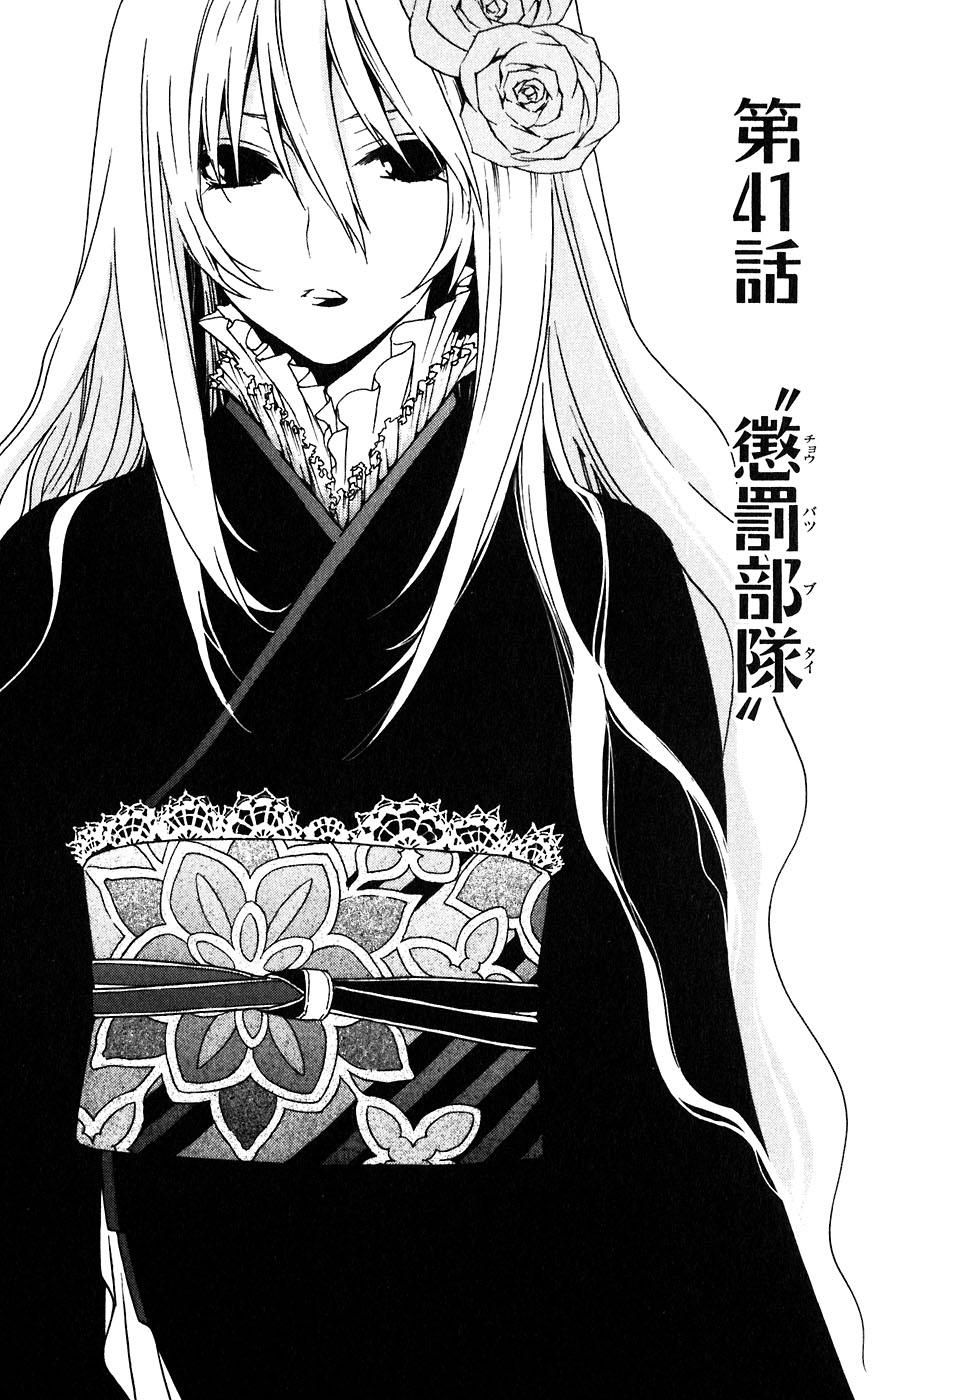 Sekirei manga chapter 041.jpg